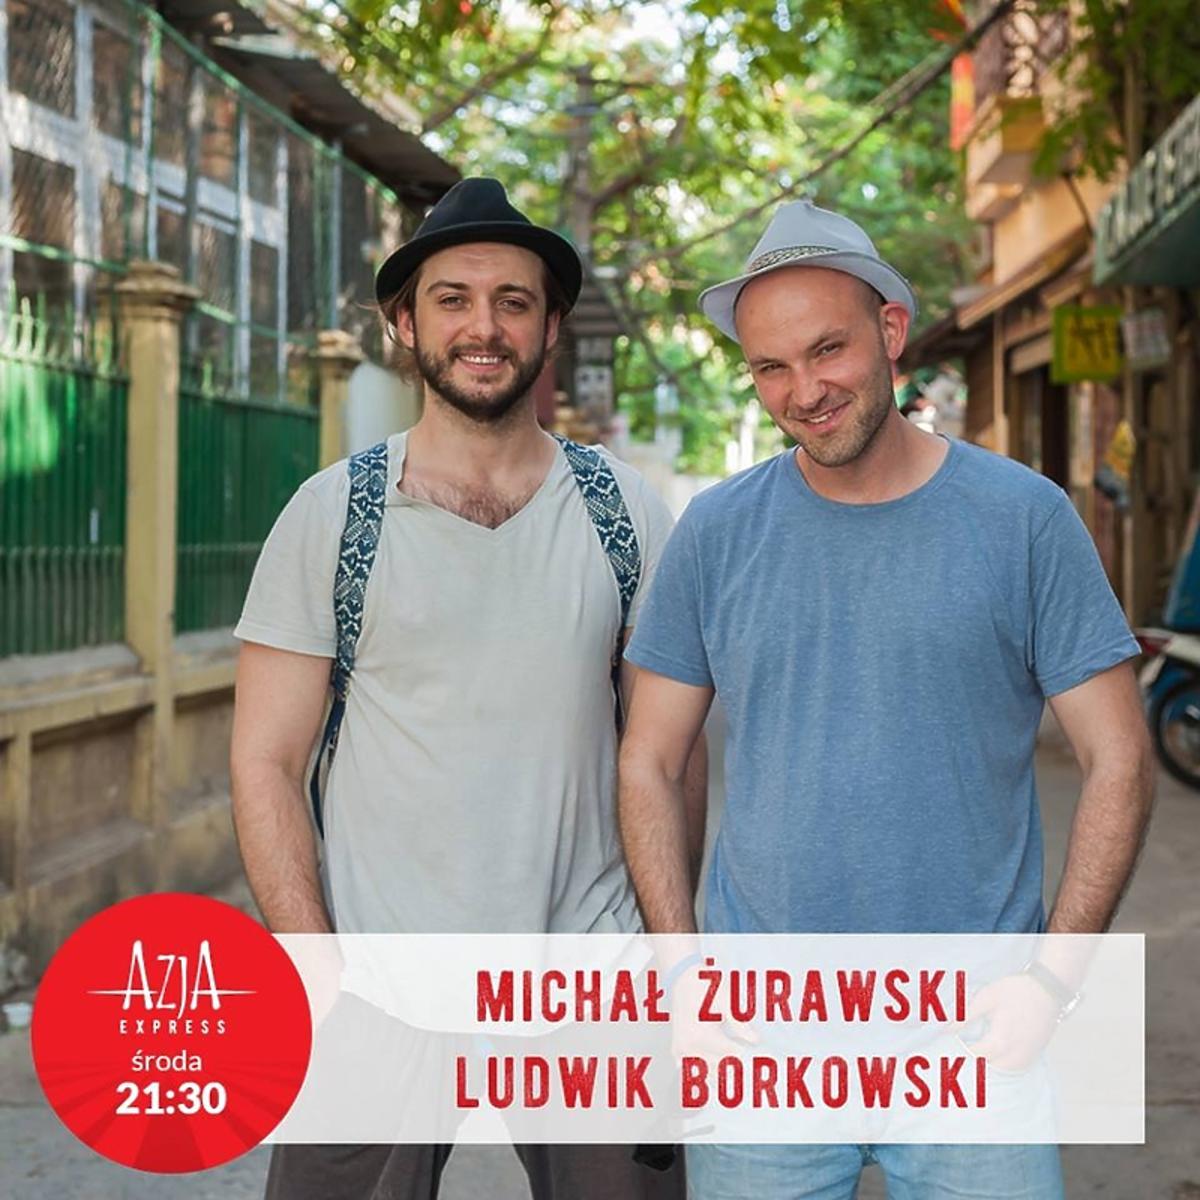 Michał Żurawski i Ludwik Borkowski w